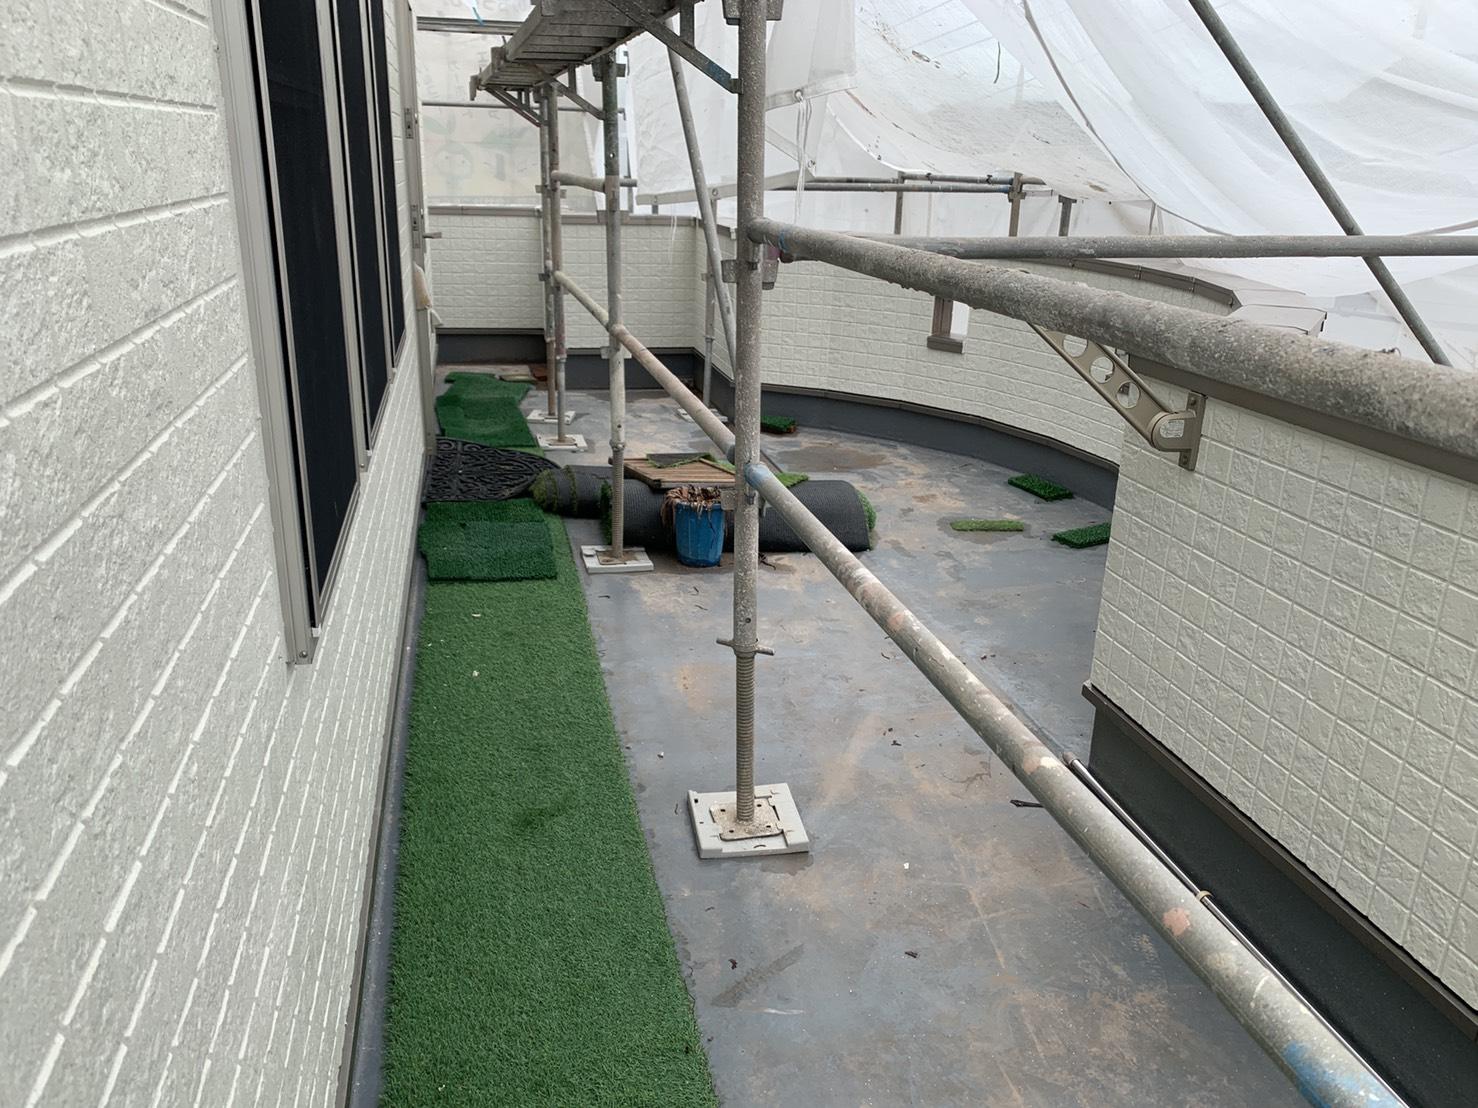 ベランダ床の膨れを解消するためのお見積もりを行ったベランダの様子